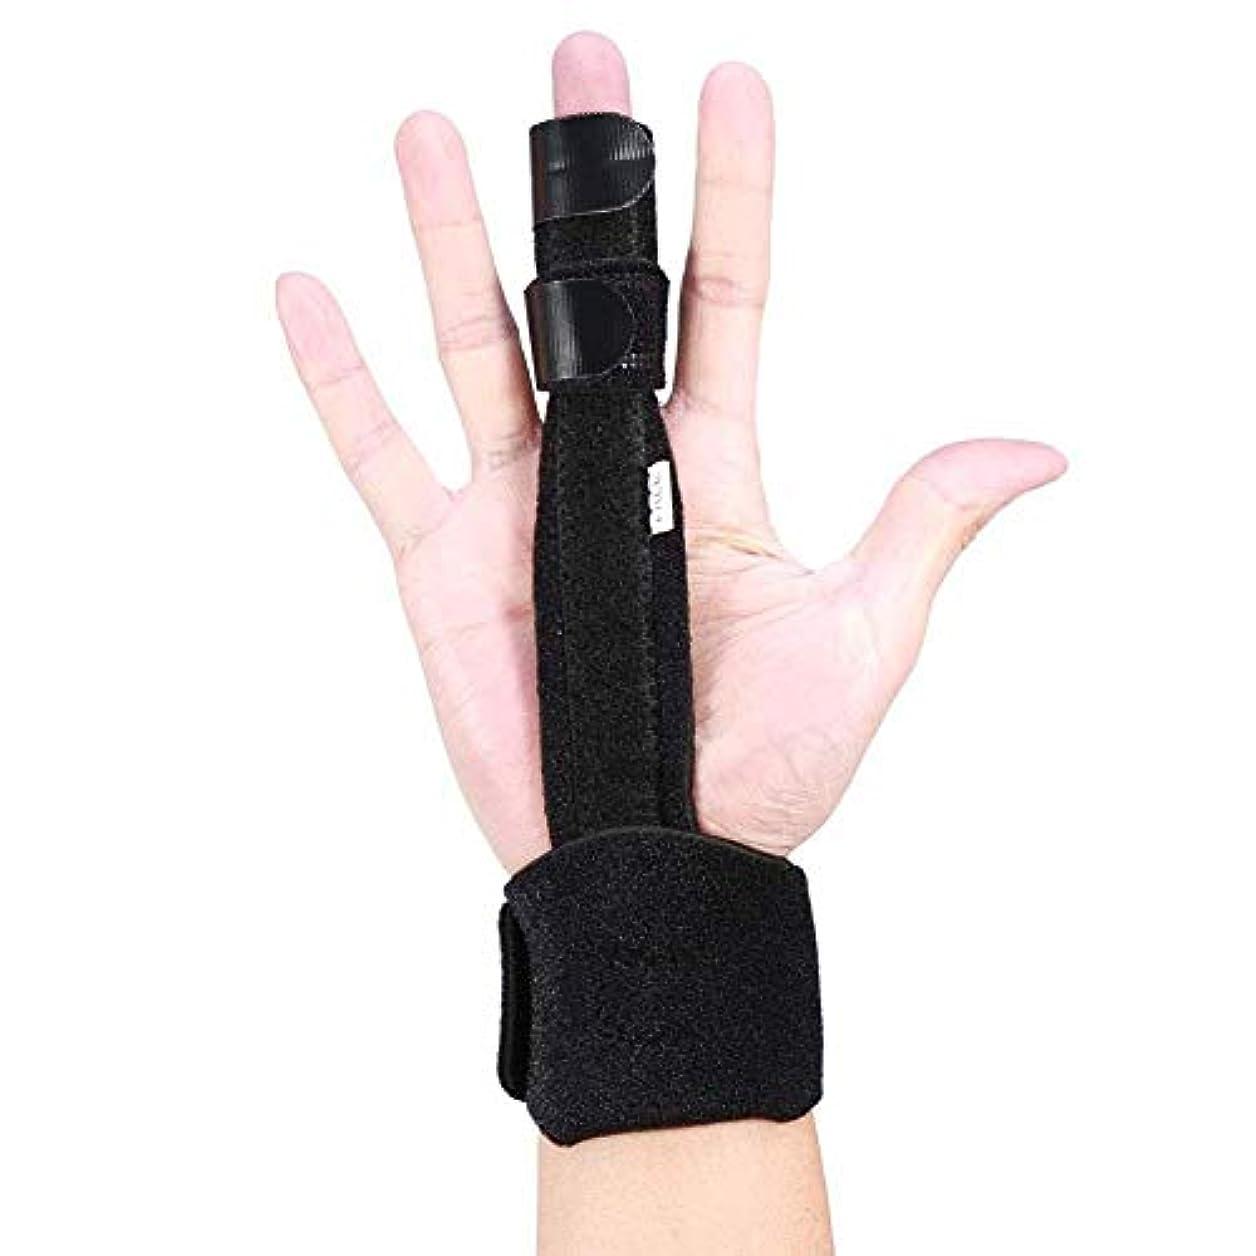 一目ラウンジ簡略化する指の負傷のサポート、調整可能なアルミニウム製の指の副木手サポートの回復サポート保護傷害の援助